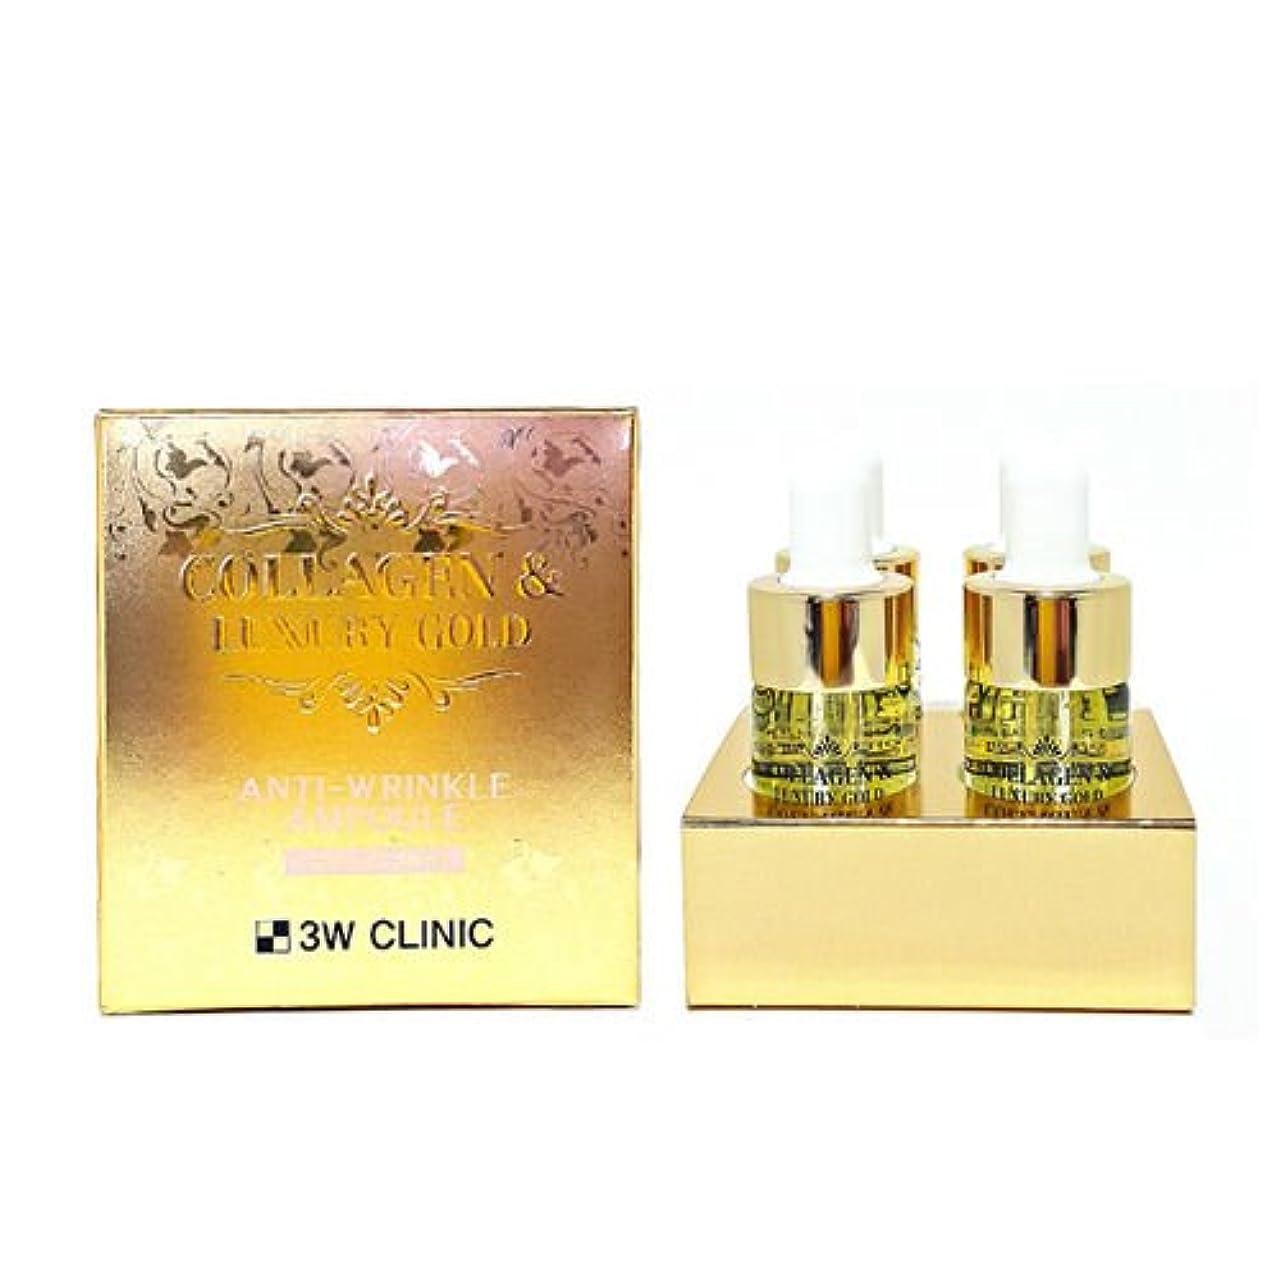 傷跡誰でもから3Wクリニック[韓国コスメ3w Clinic]Collagen & Luxury Gold Anti-Wrinkle Ampoule コラーゲンラグジュアリーゴールド アンチリンクルアンプル13mlX4個[並行輸入品]